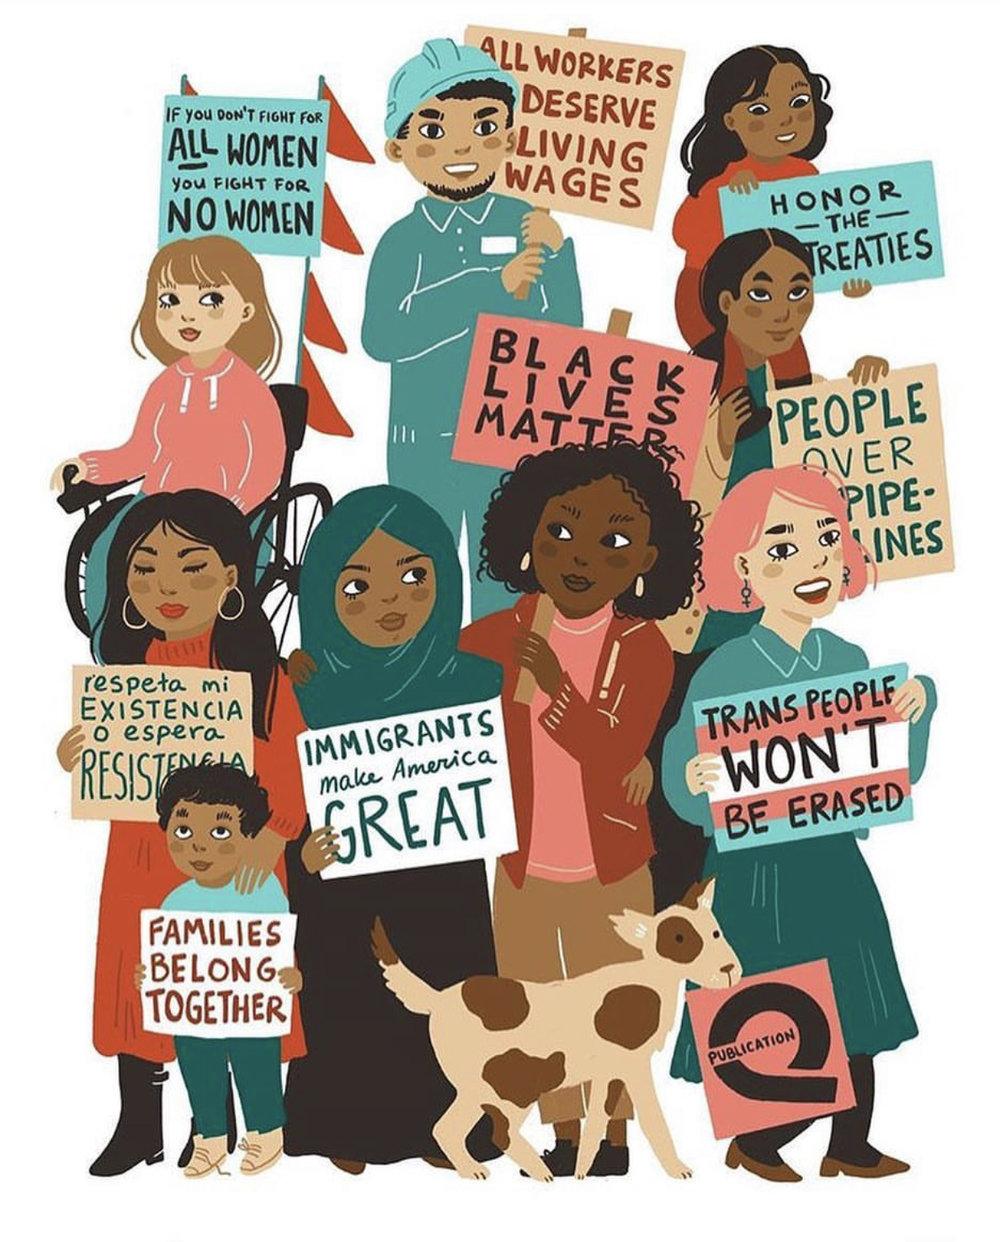 Image by @18millionrising